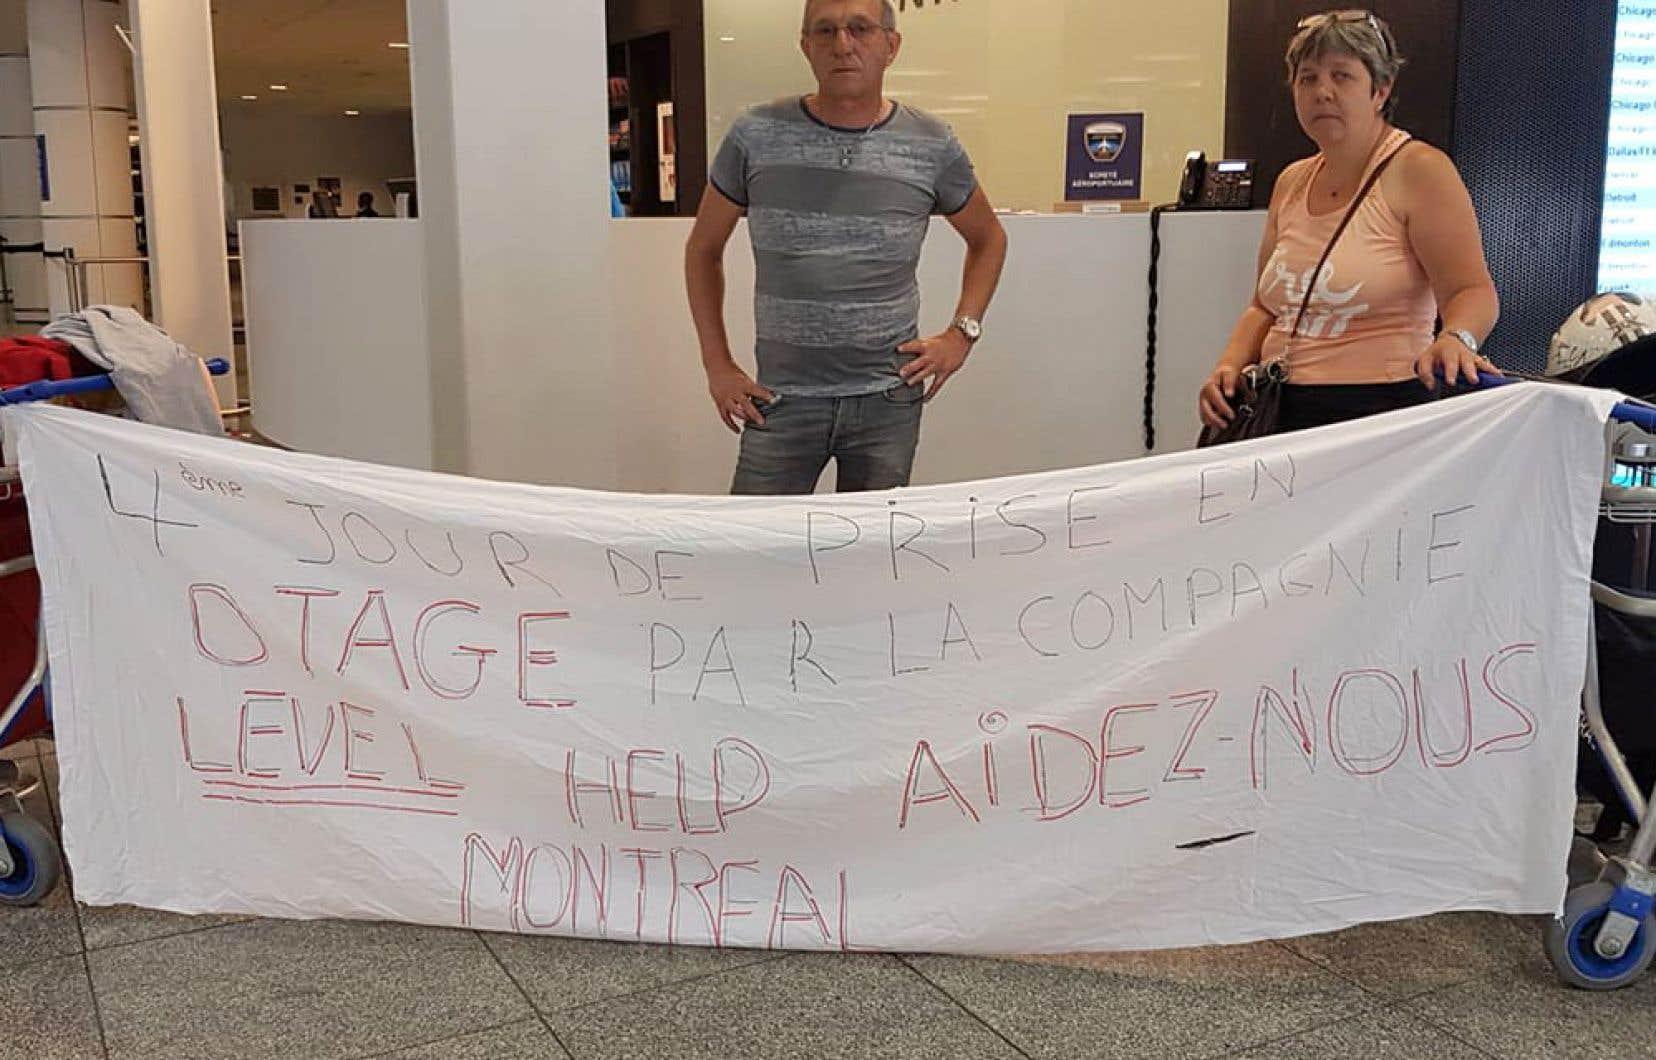 Exaspérés, Rosalie Scholzen et son conjoint Michel Luc ont affiché mardi une bannière dénonçant leur «4ejour de prise d'otages par la compagnie LEVEL» près d'un kiosque d'information de l'aéroport Pierre-Elliott-Trudeau.